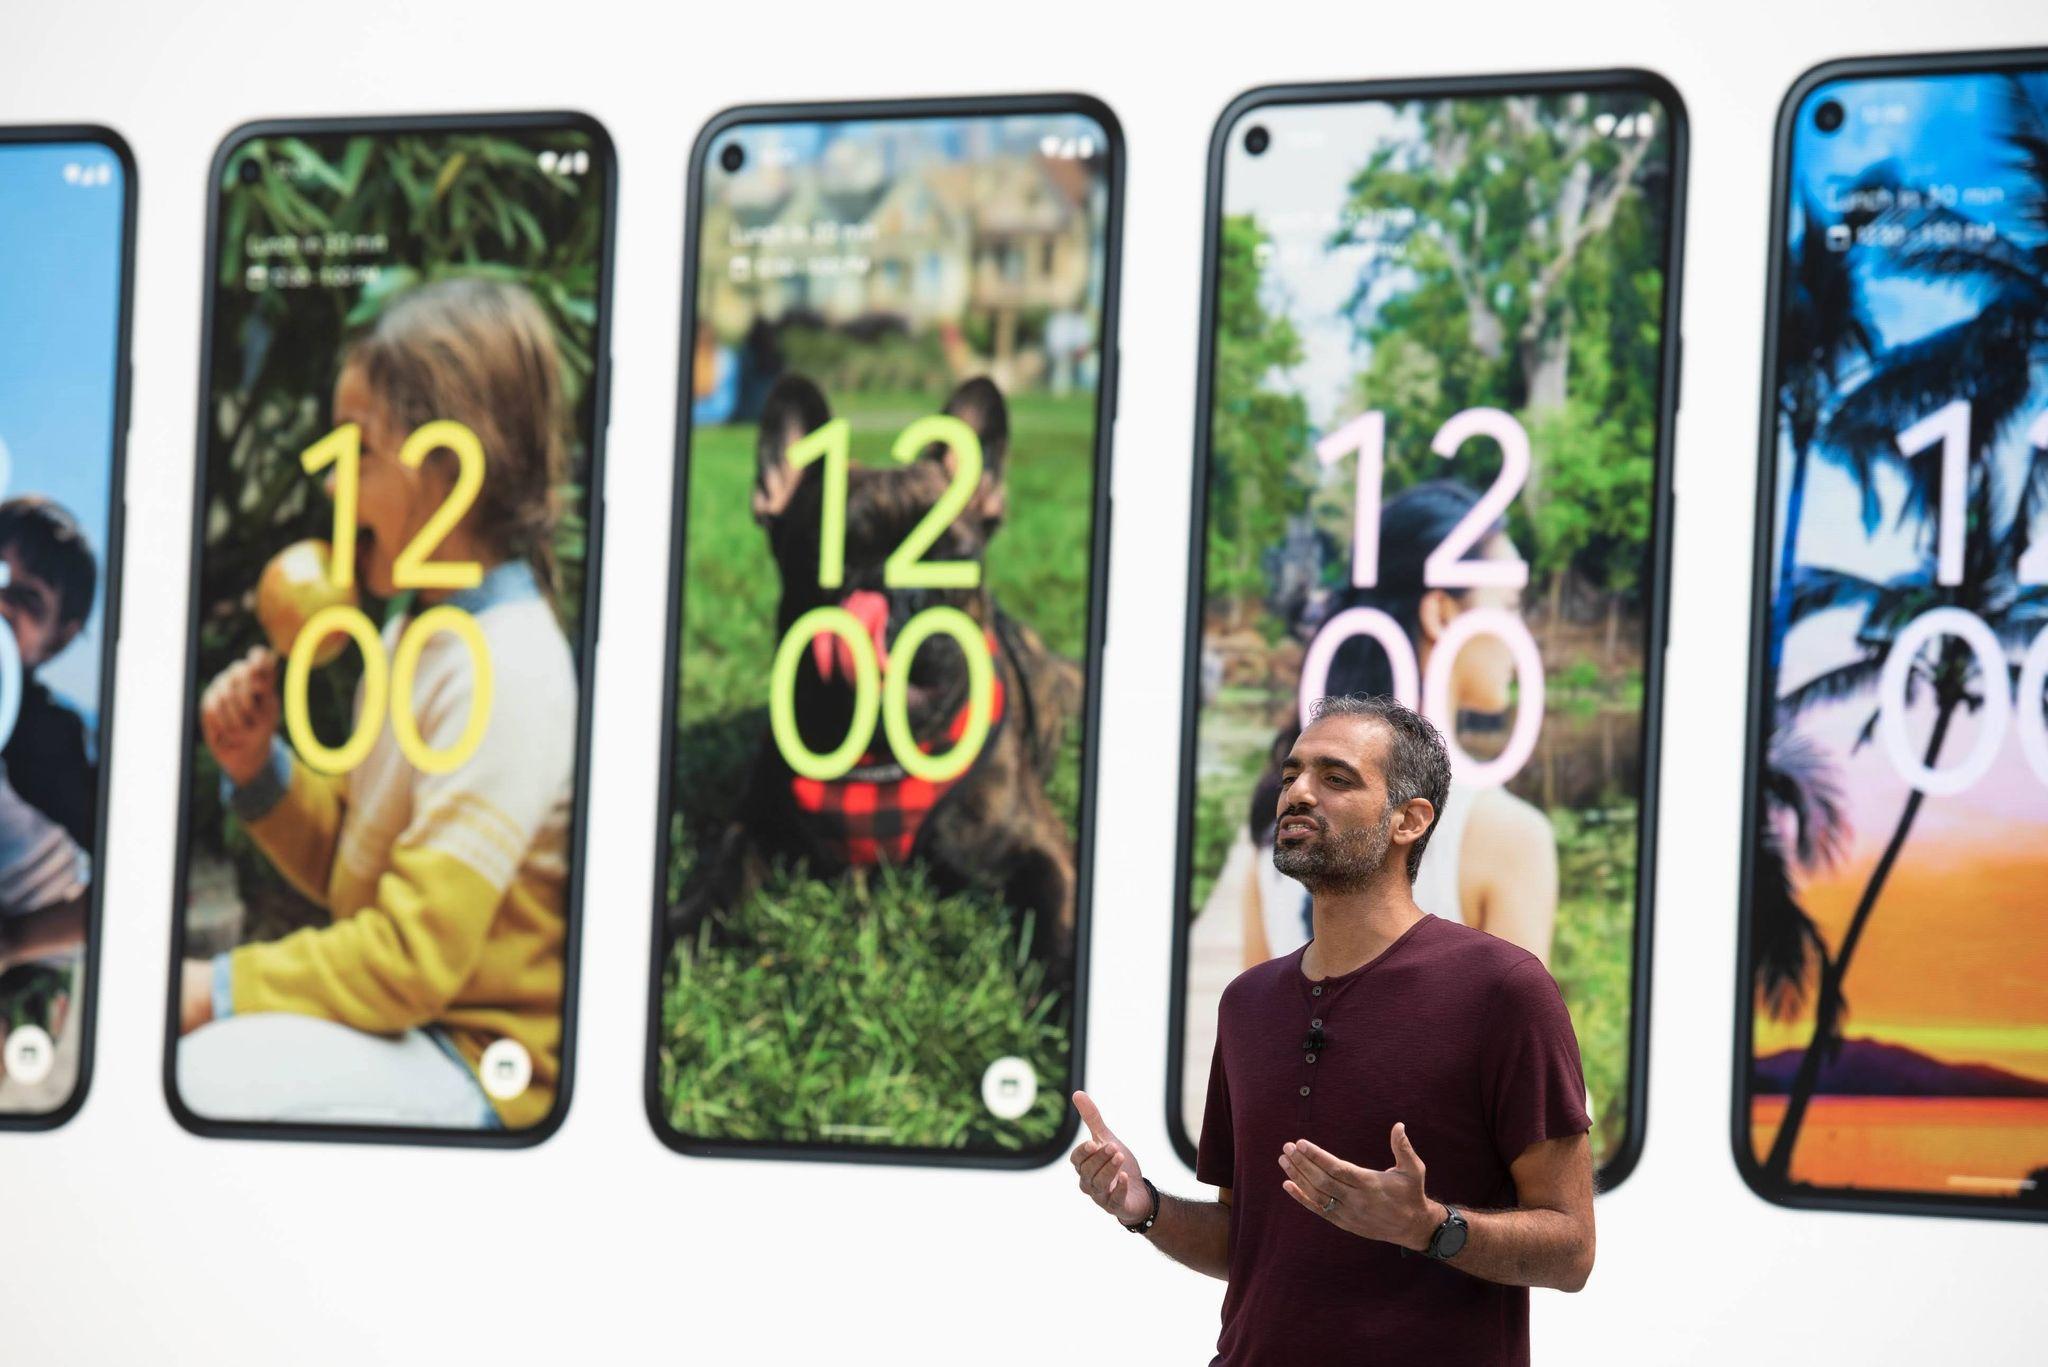 Sameer Samat, vicepresidente de gestión de productos de Google, presentó las novedades de Android 12 en la conferencia de desarrolladores de Montain View en mayo de 2021 (Google/dpa)